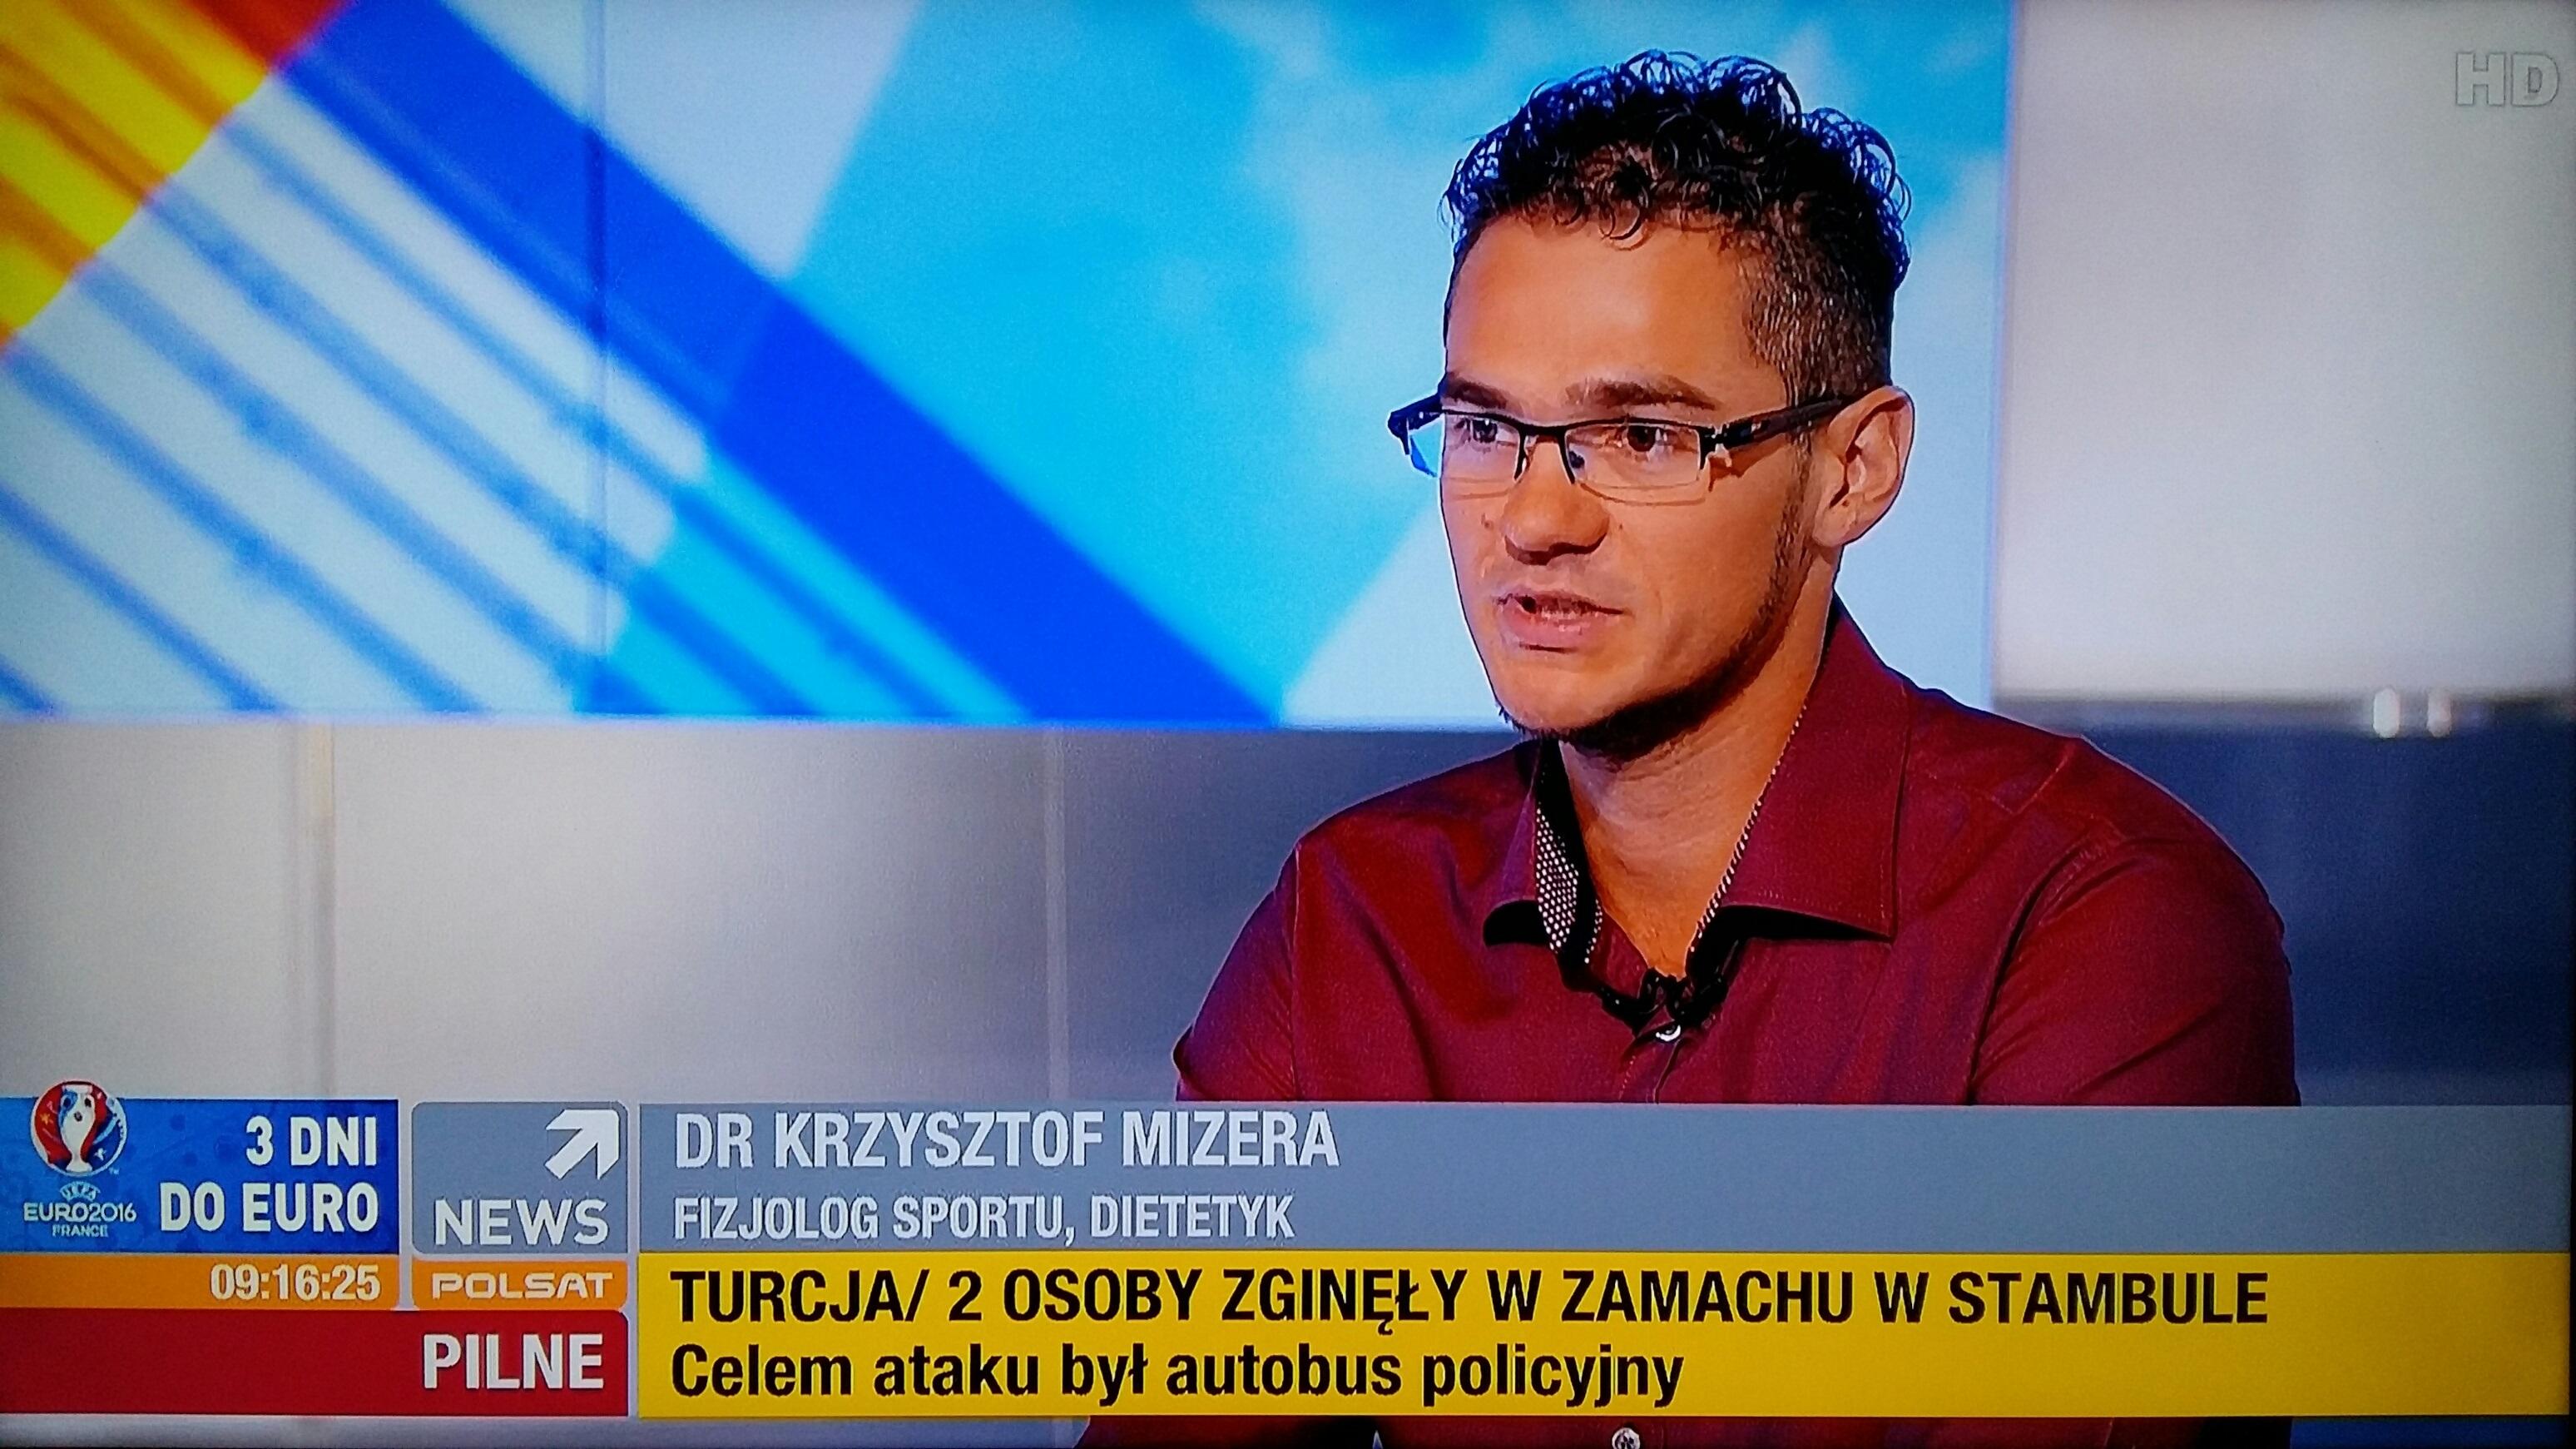 dietetyk sportowy Krzysztof Mizera